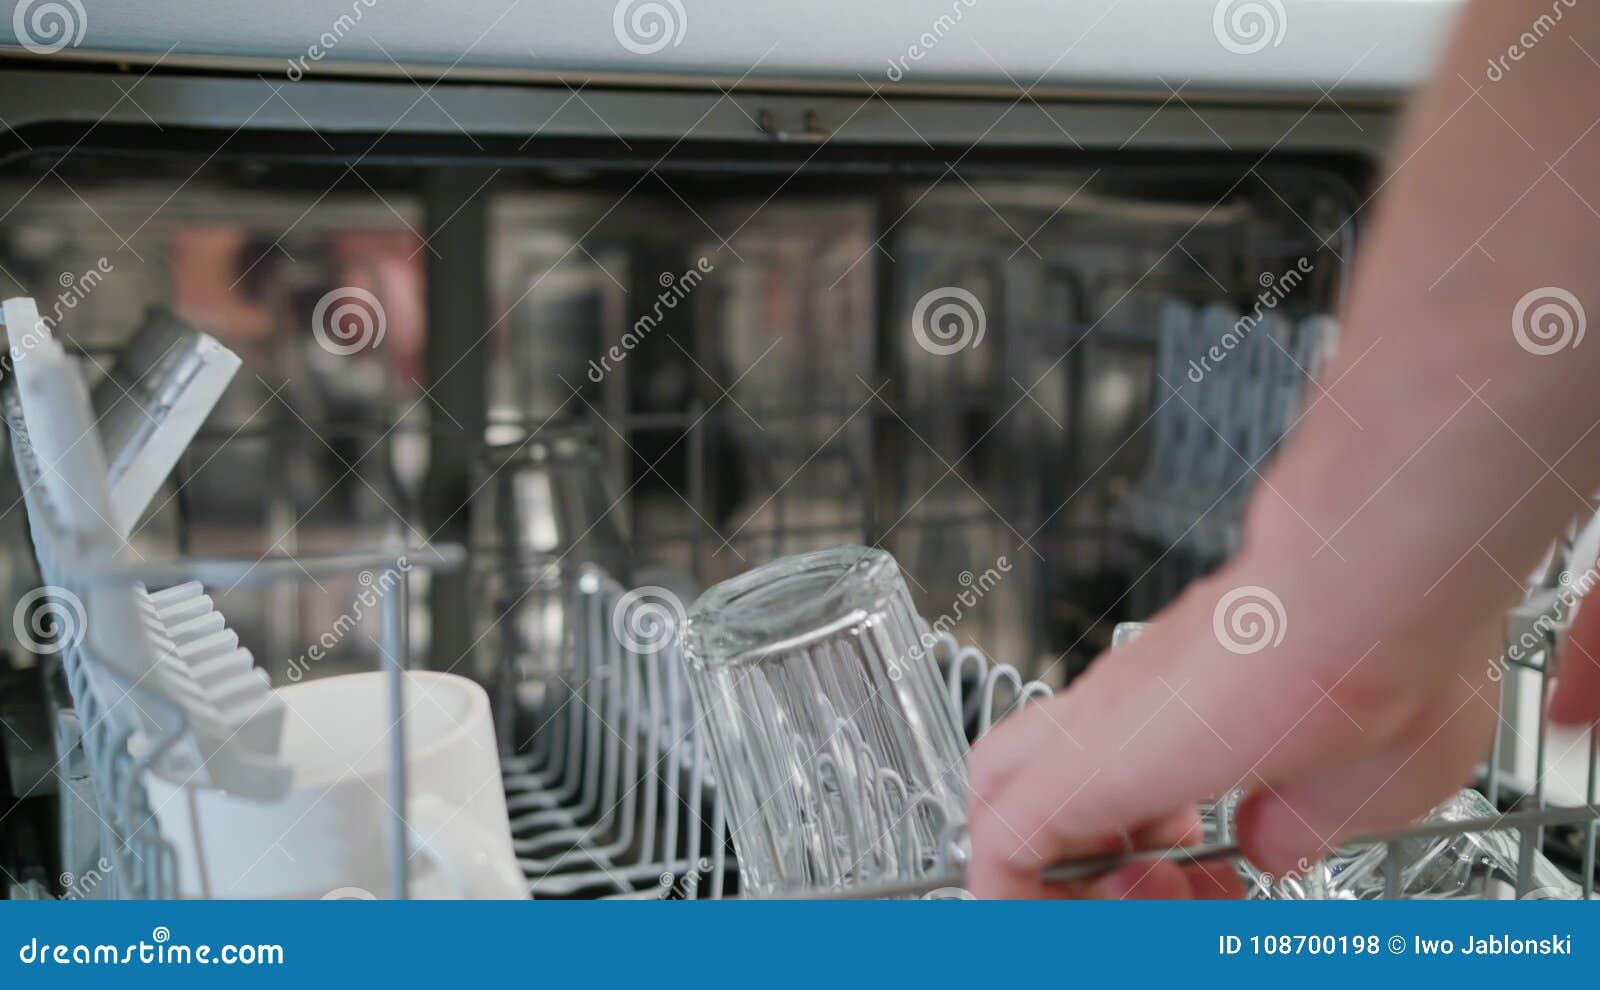 Limpie los vidrios y las tazas en un lavaplatos